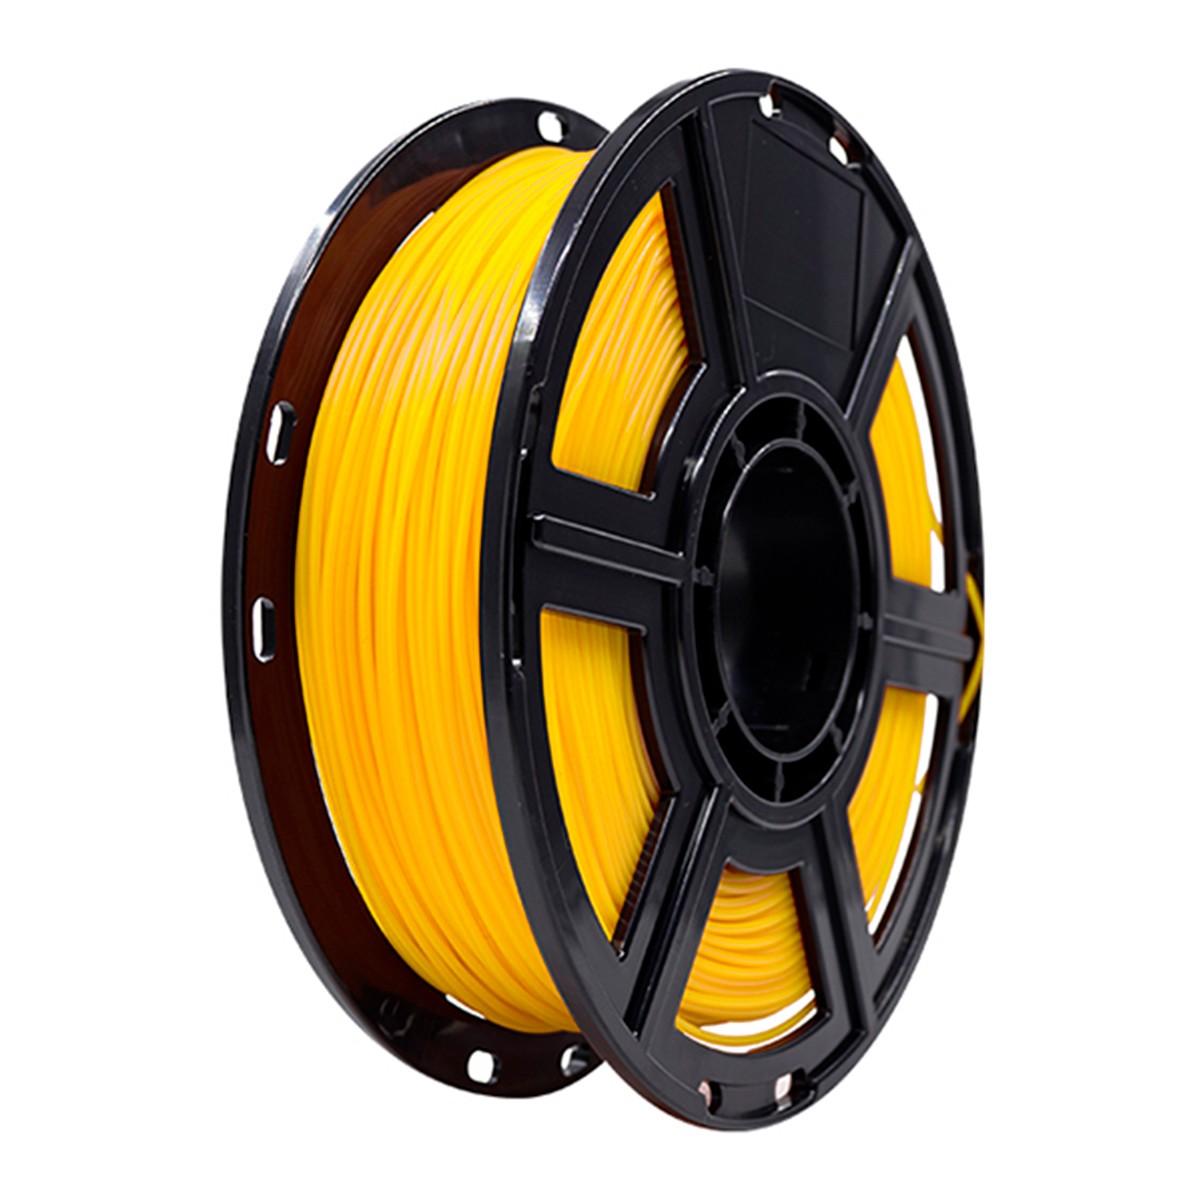 Filamento para Impressora 3D Flashforge PLA Amarelo 0,5 Kg - 29994